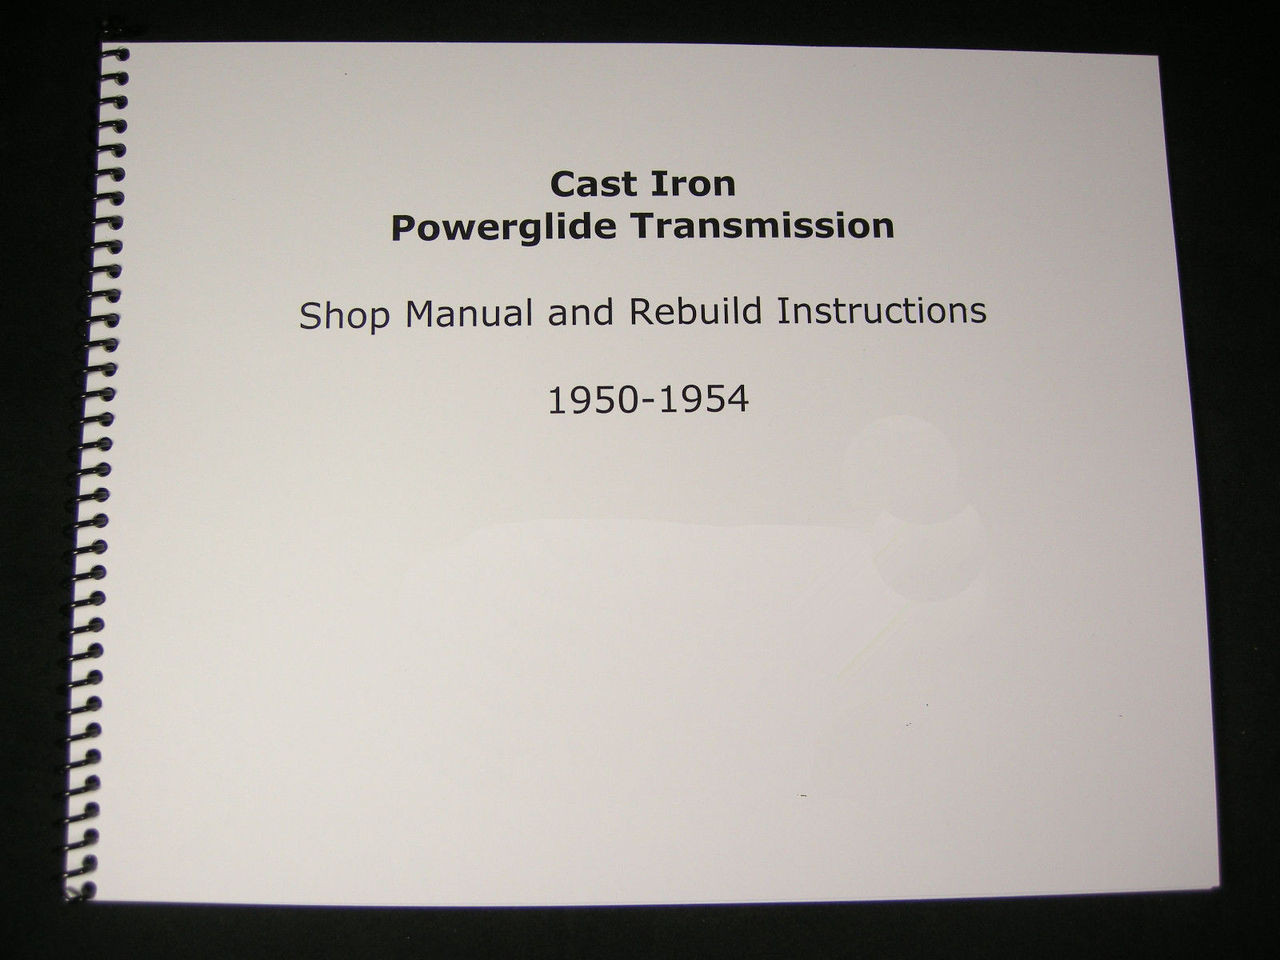 1950 1954 cast iron powerglide shop manual overhaul rebuild 4l80e transmission diagram 1950 1954 cast [ 1280 x 960 Pixel ]